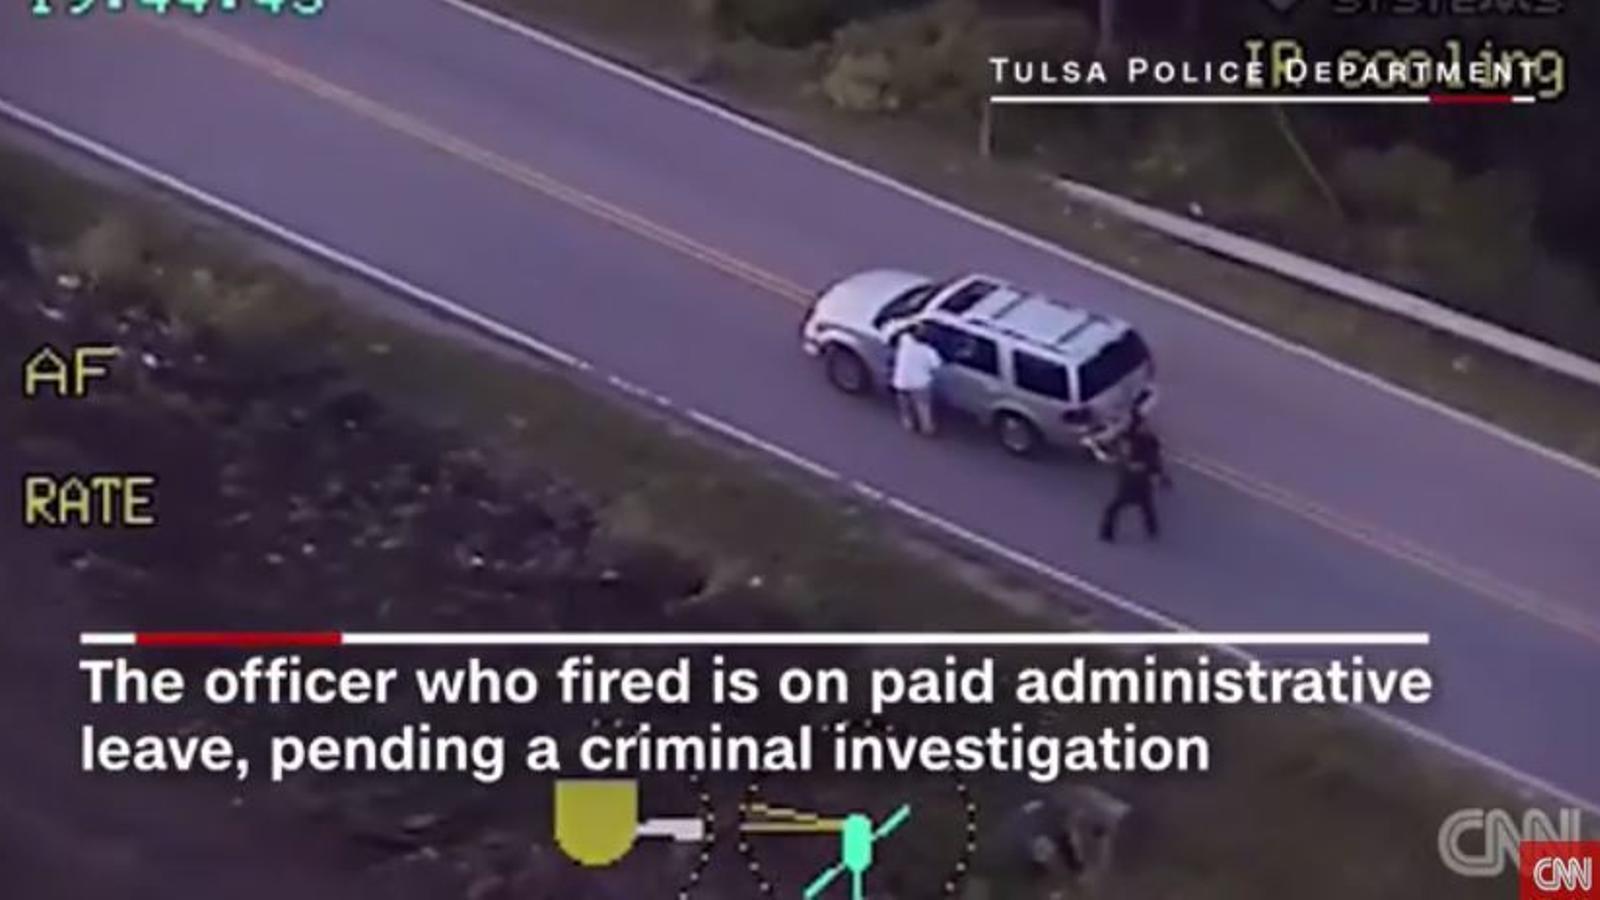 Un policia nord-americà mata un home negre desarmat al qual se li havia avariat el cotxe